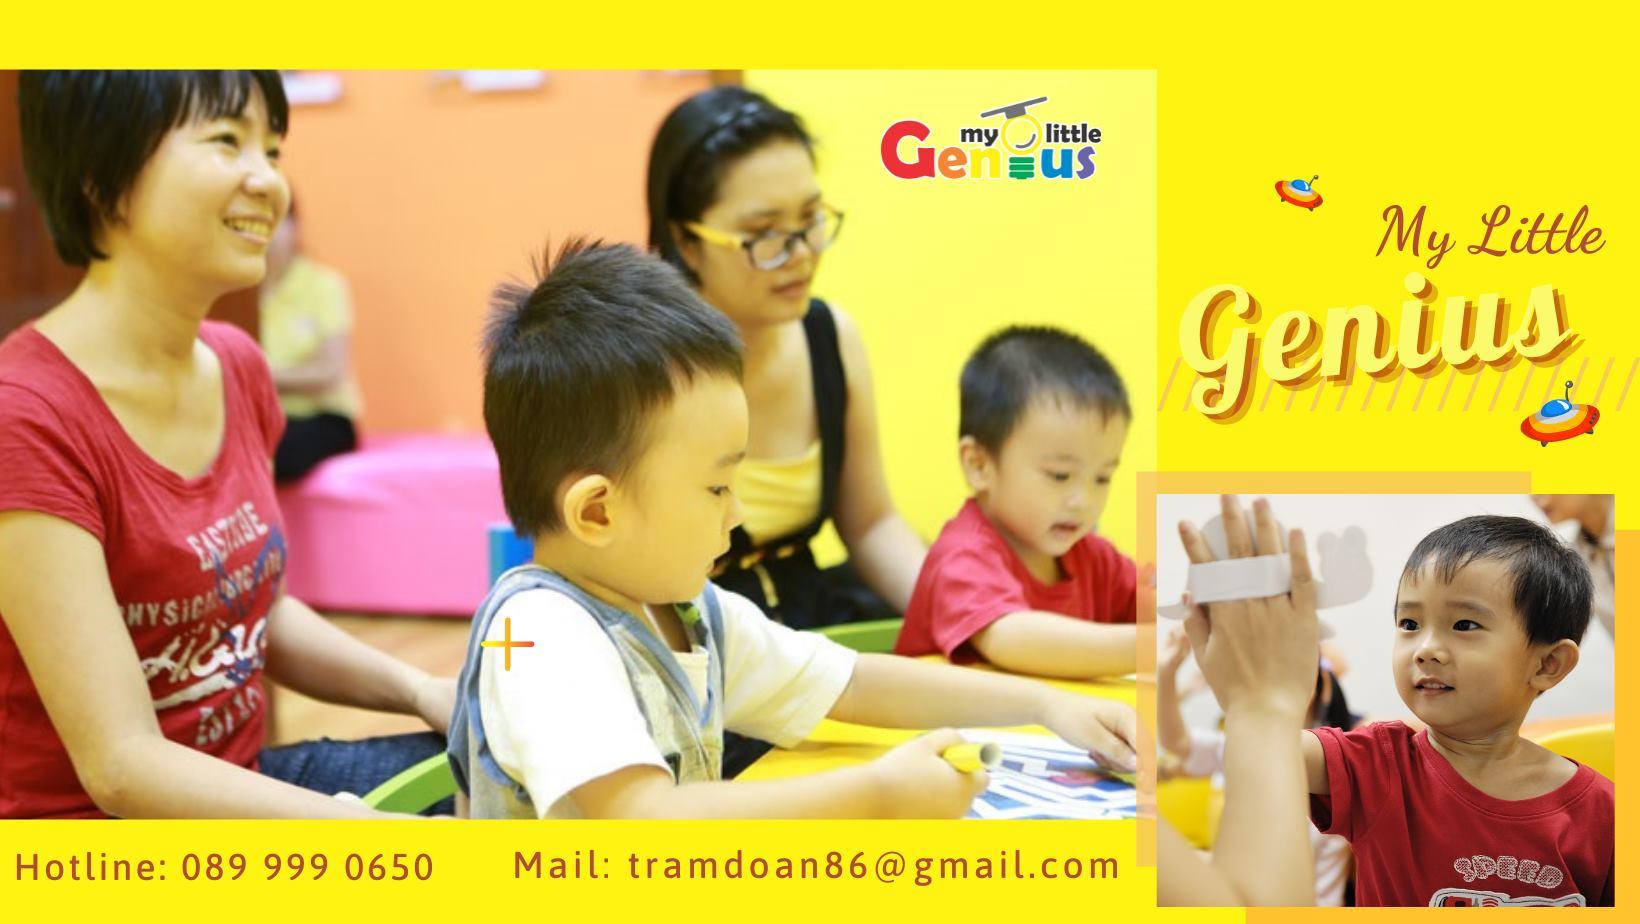 Trung tâm giáo dục Little Genius